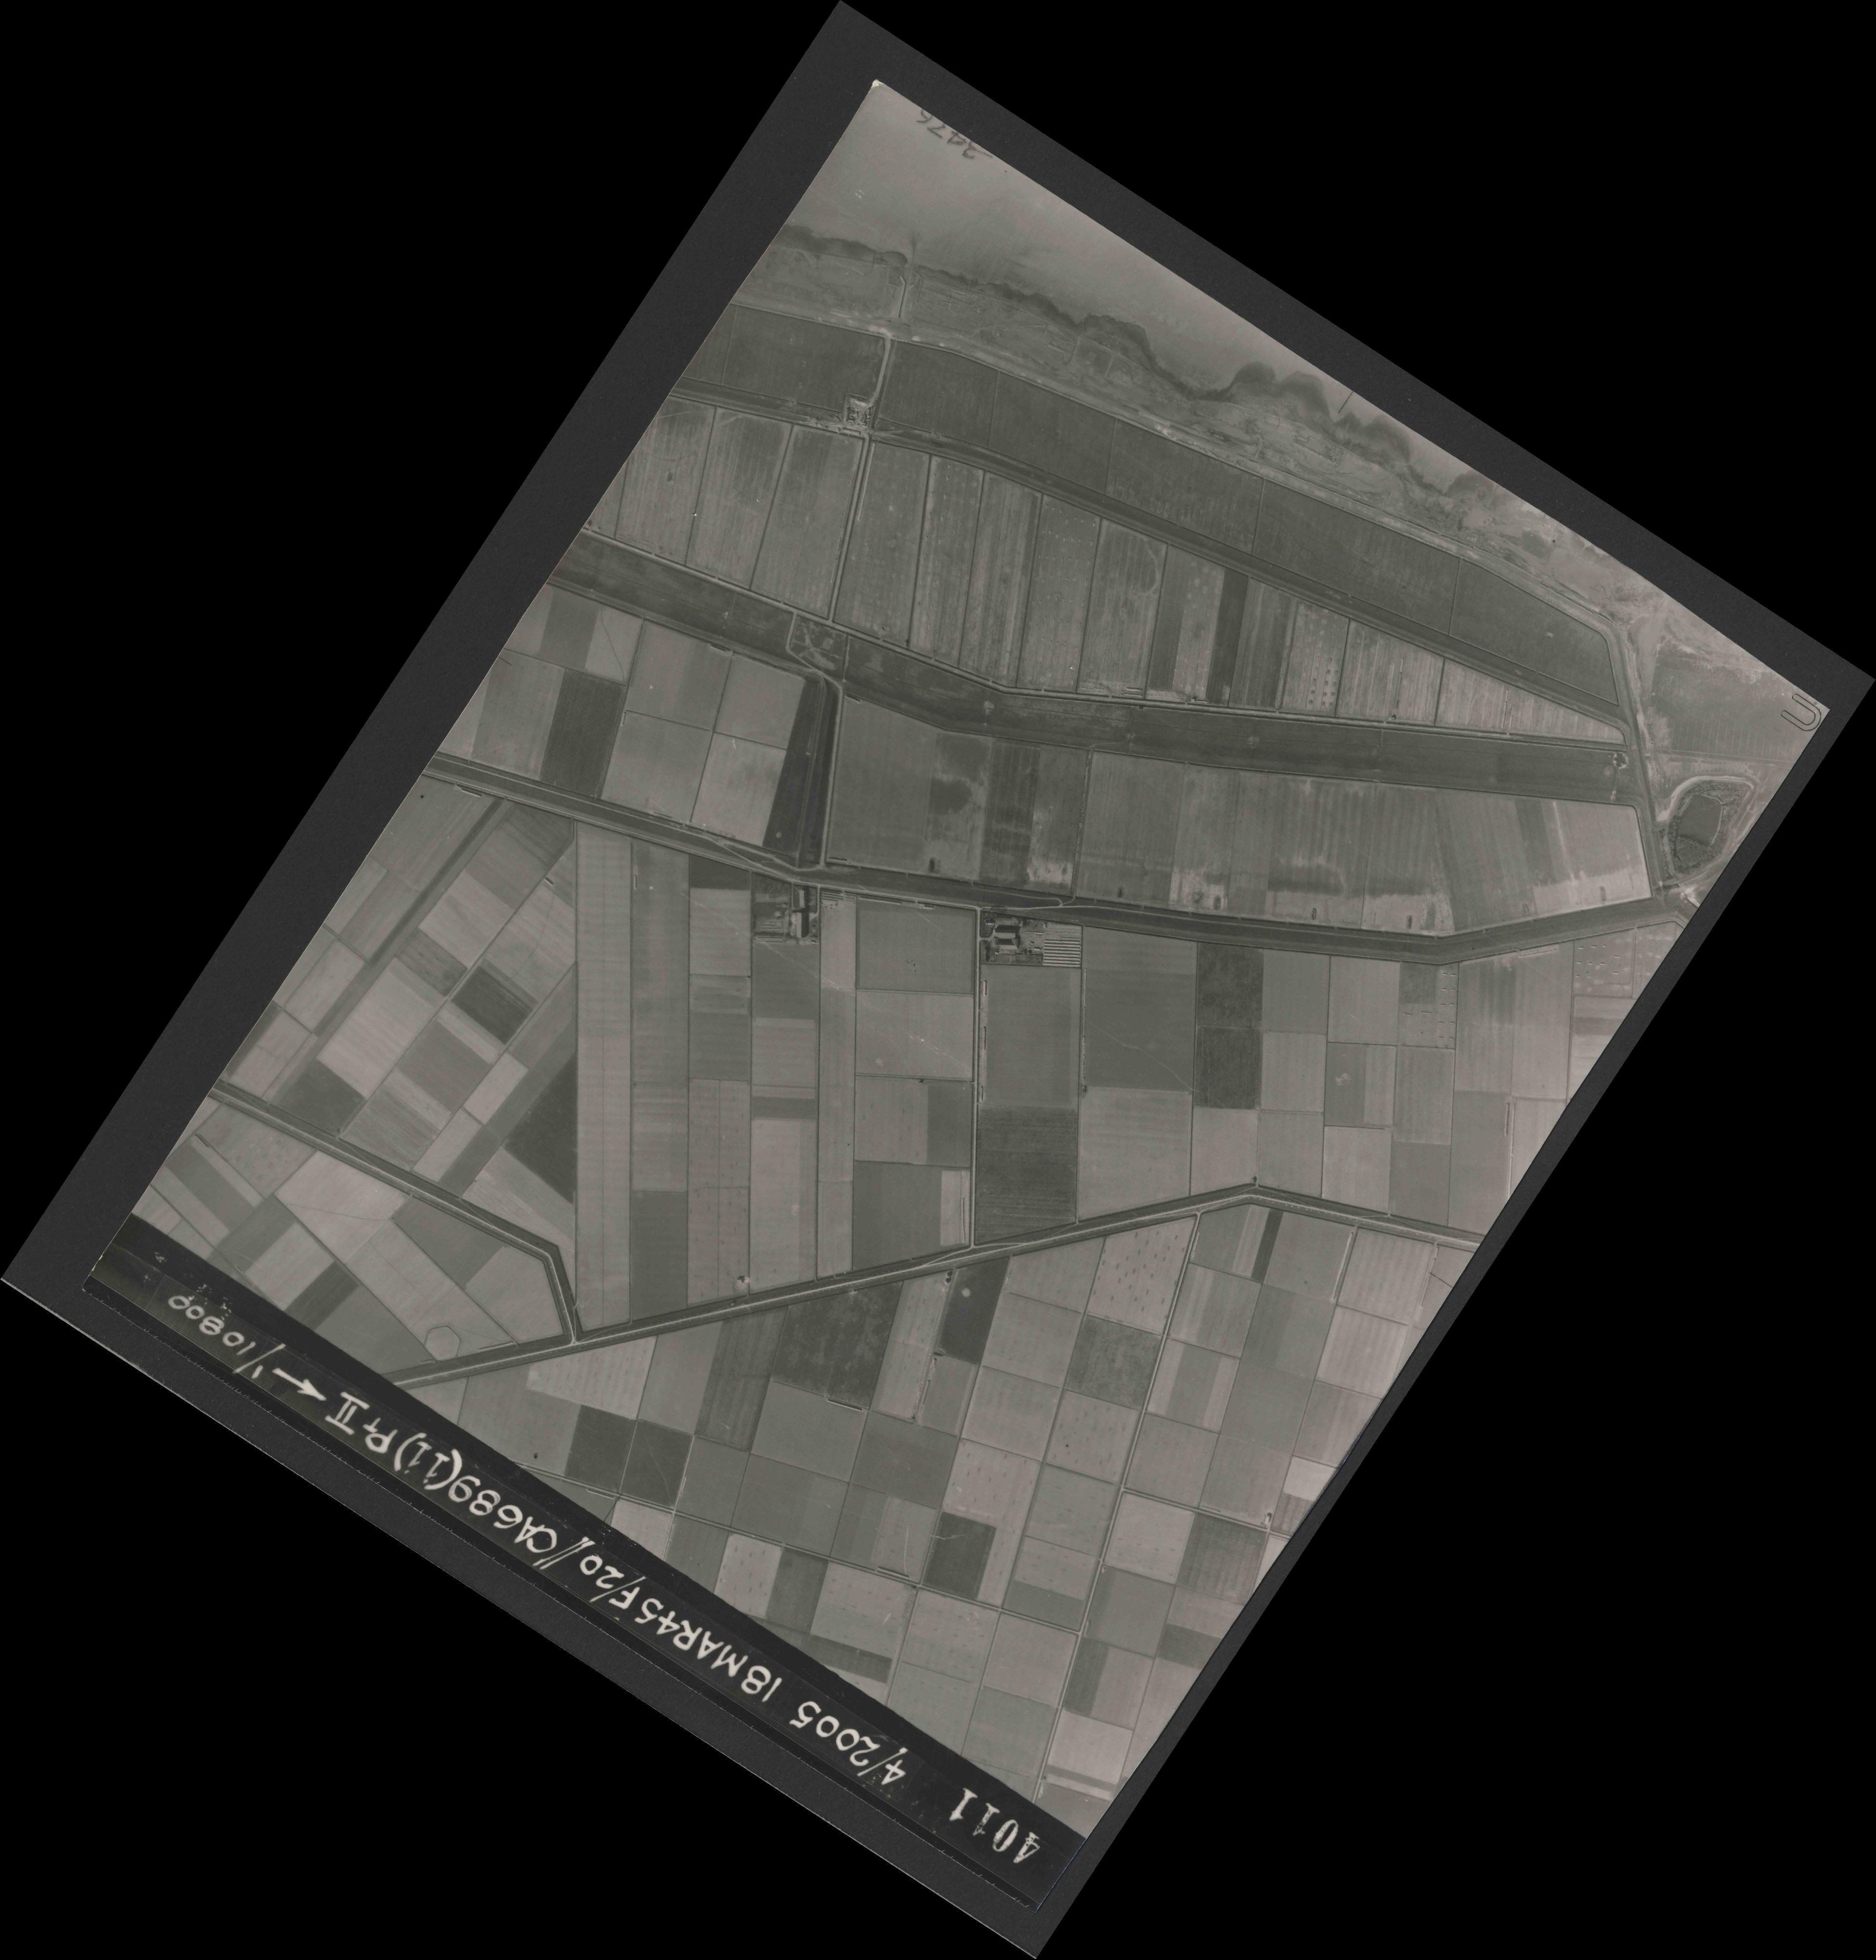 Collection RAF aerial photos 1940-1945 - flight 080, run 05, photo 4011